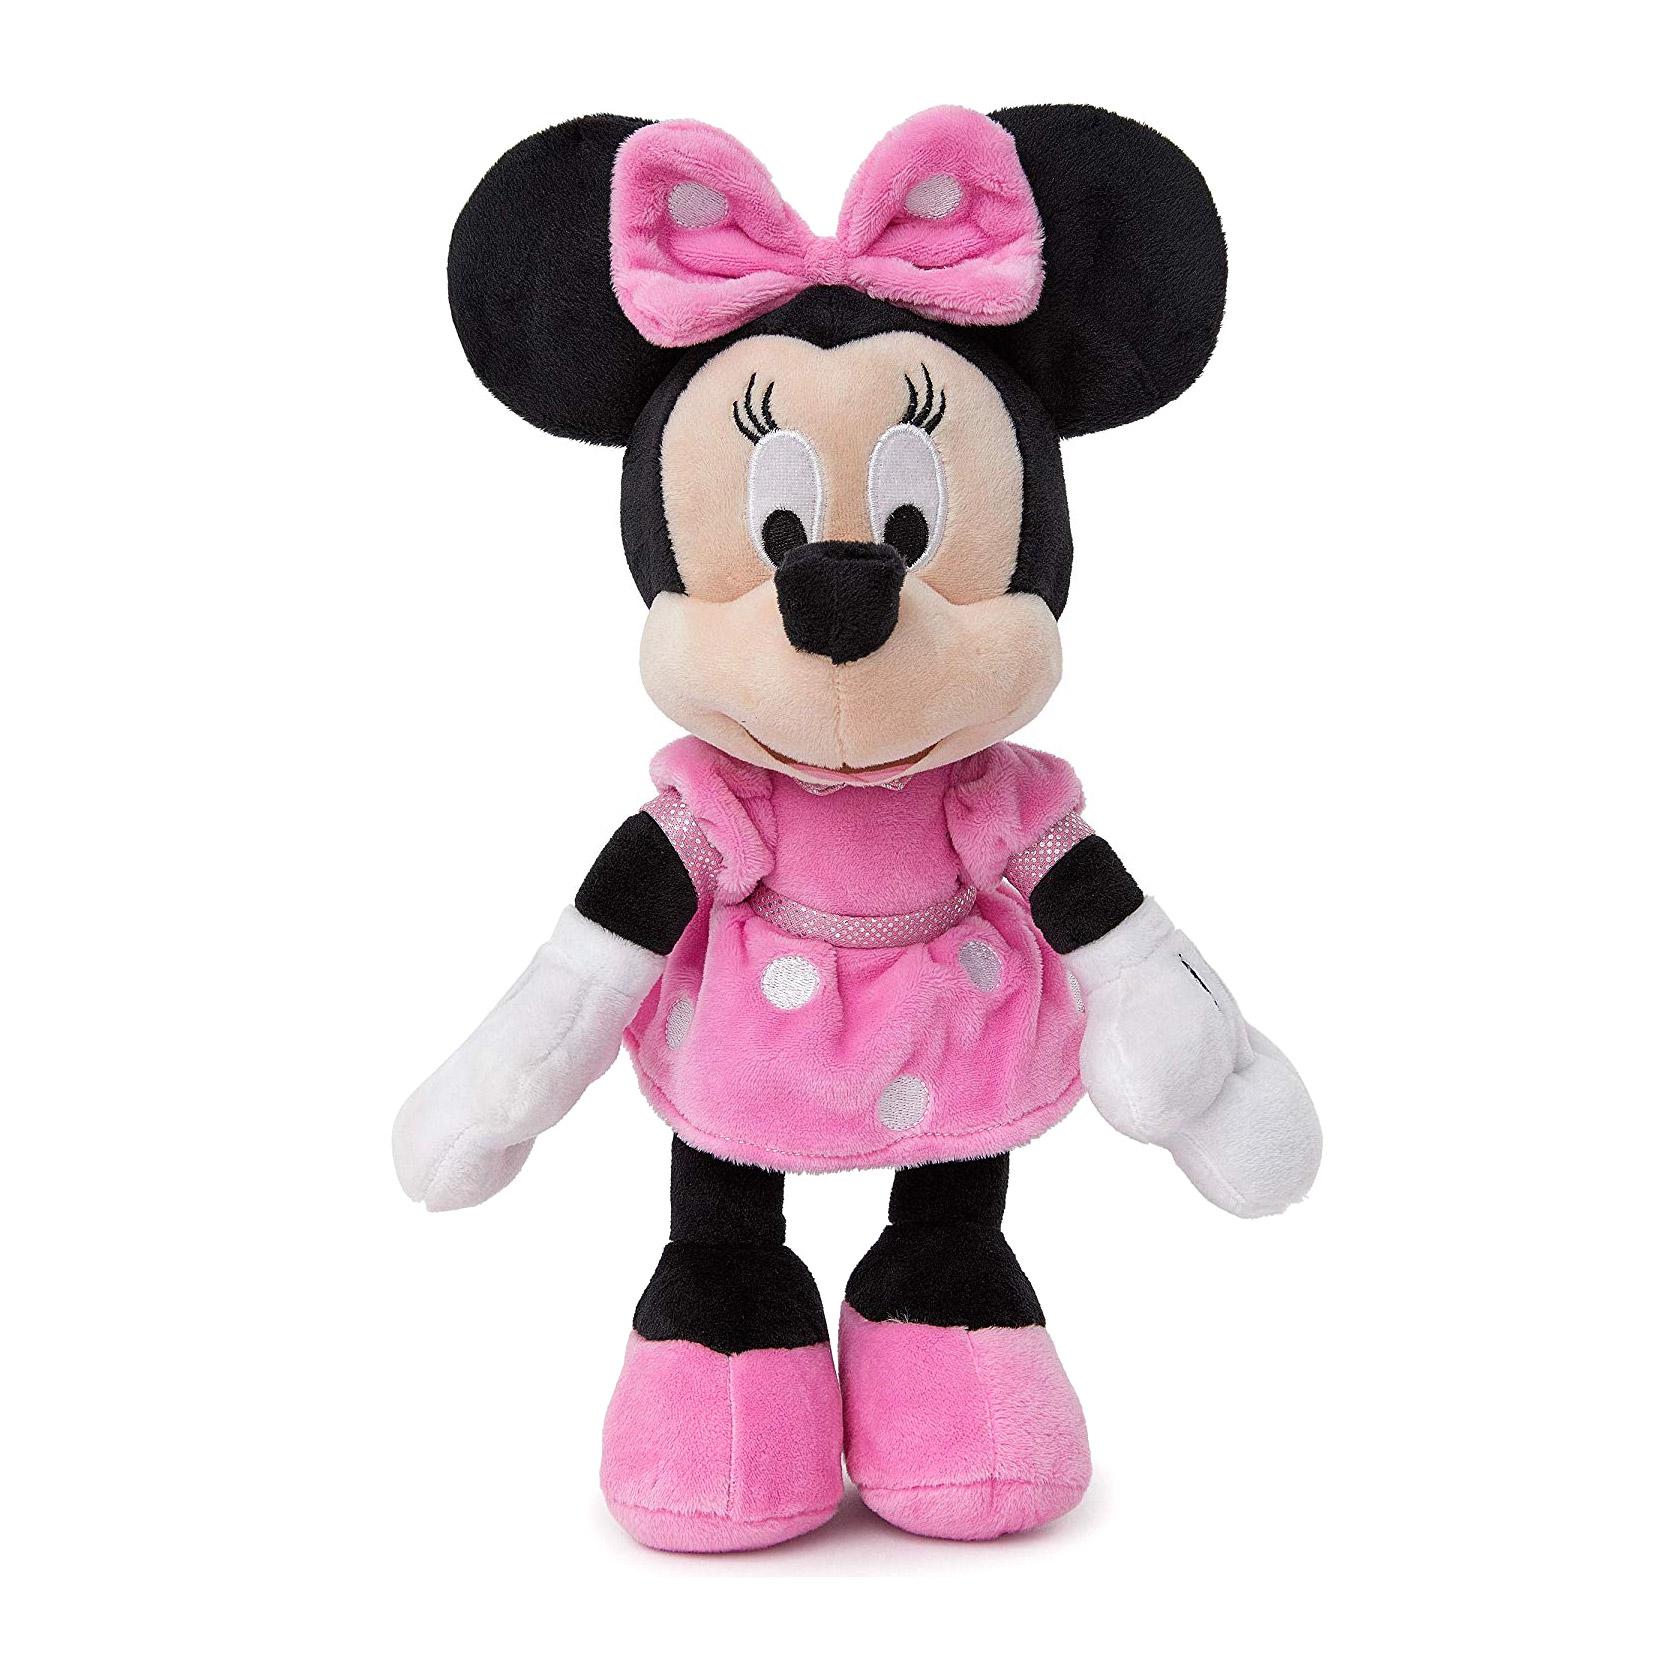 Мягкая игрушка Nicotoy Минни Маус 25 см 5874843.